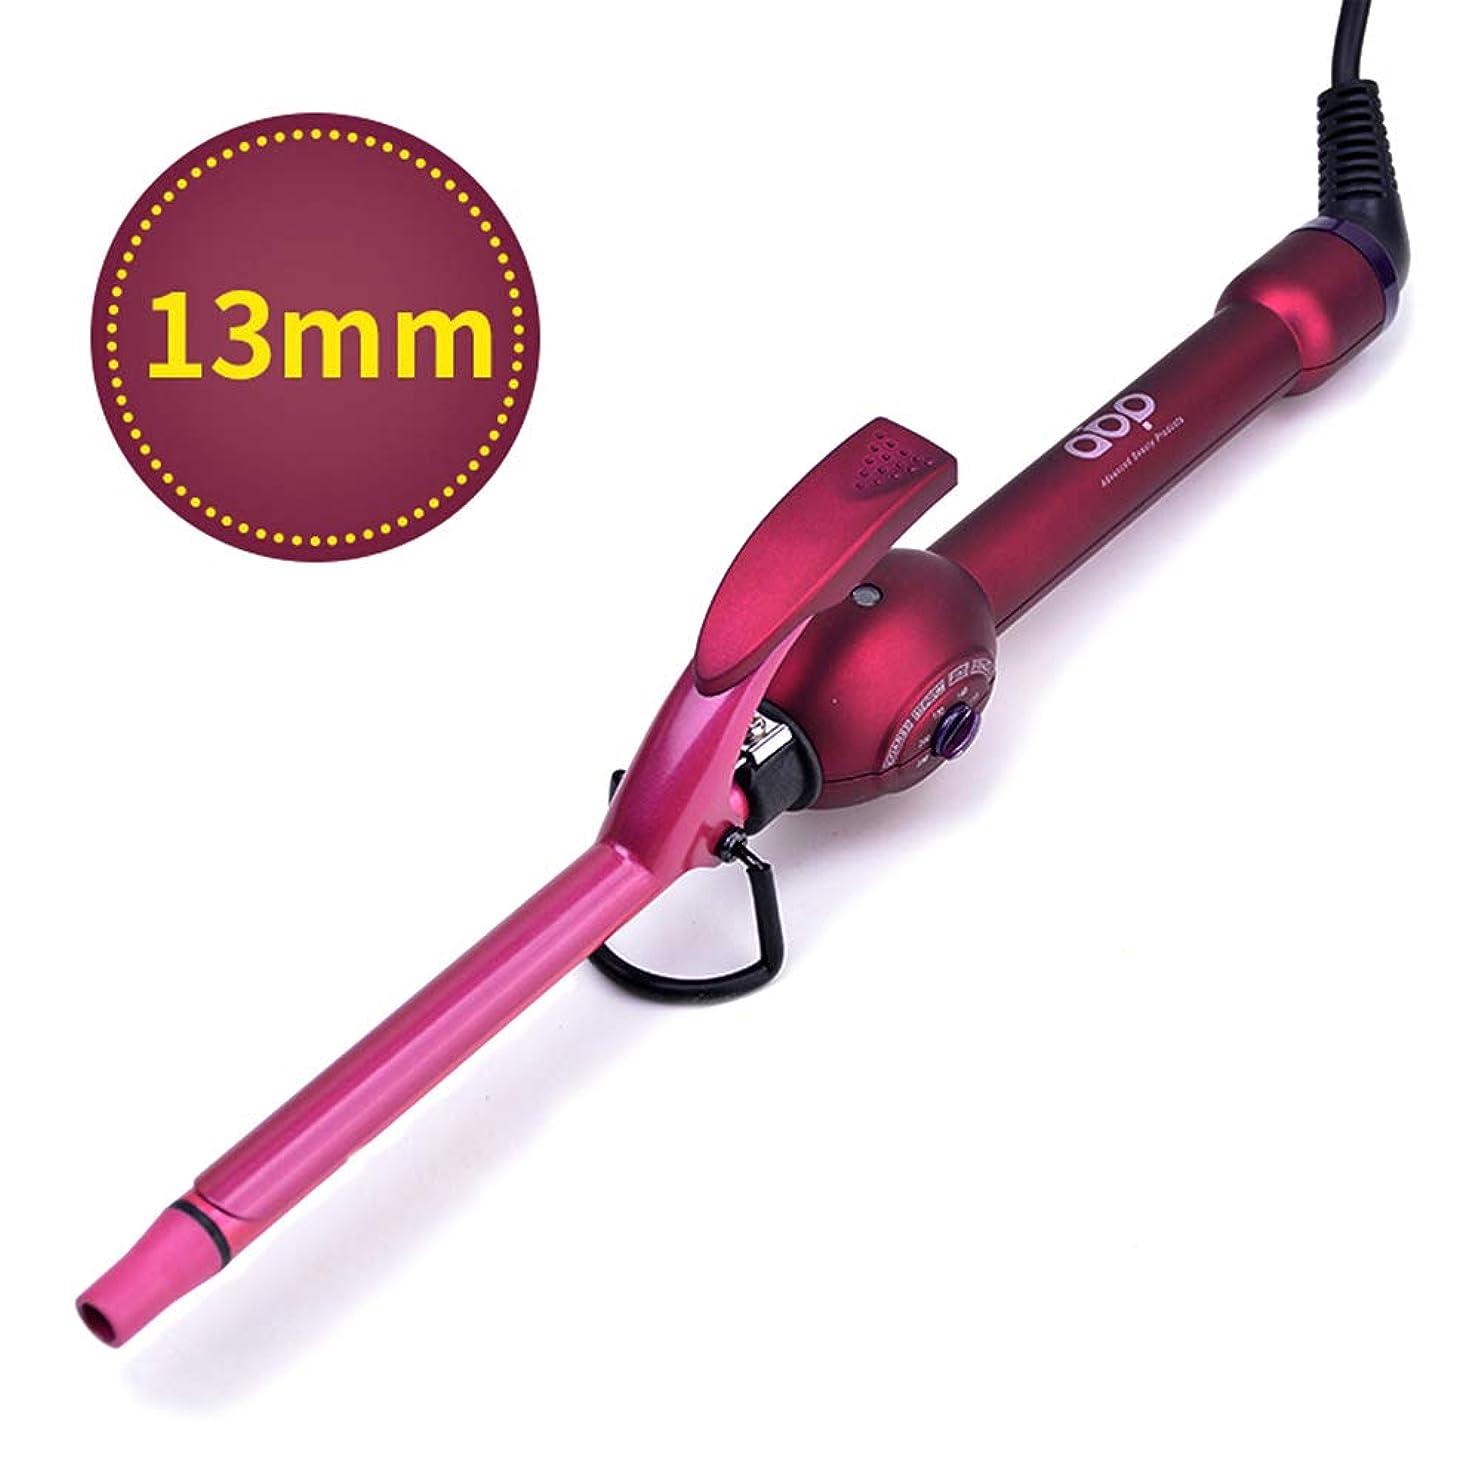 の間で冒険者交換可能ABP イオンカールアイロン ヘアアイロン 80℃~210℃ 温度調整 海外対応 プロ仕様 巻き髪 (13mm)